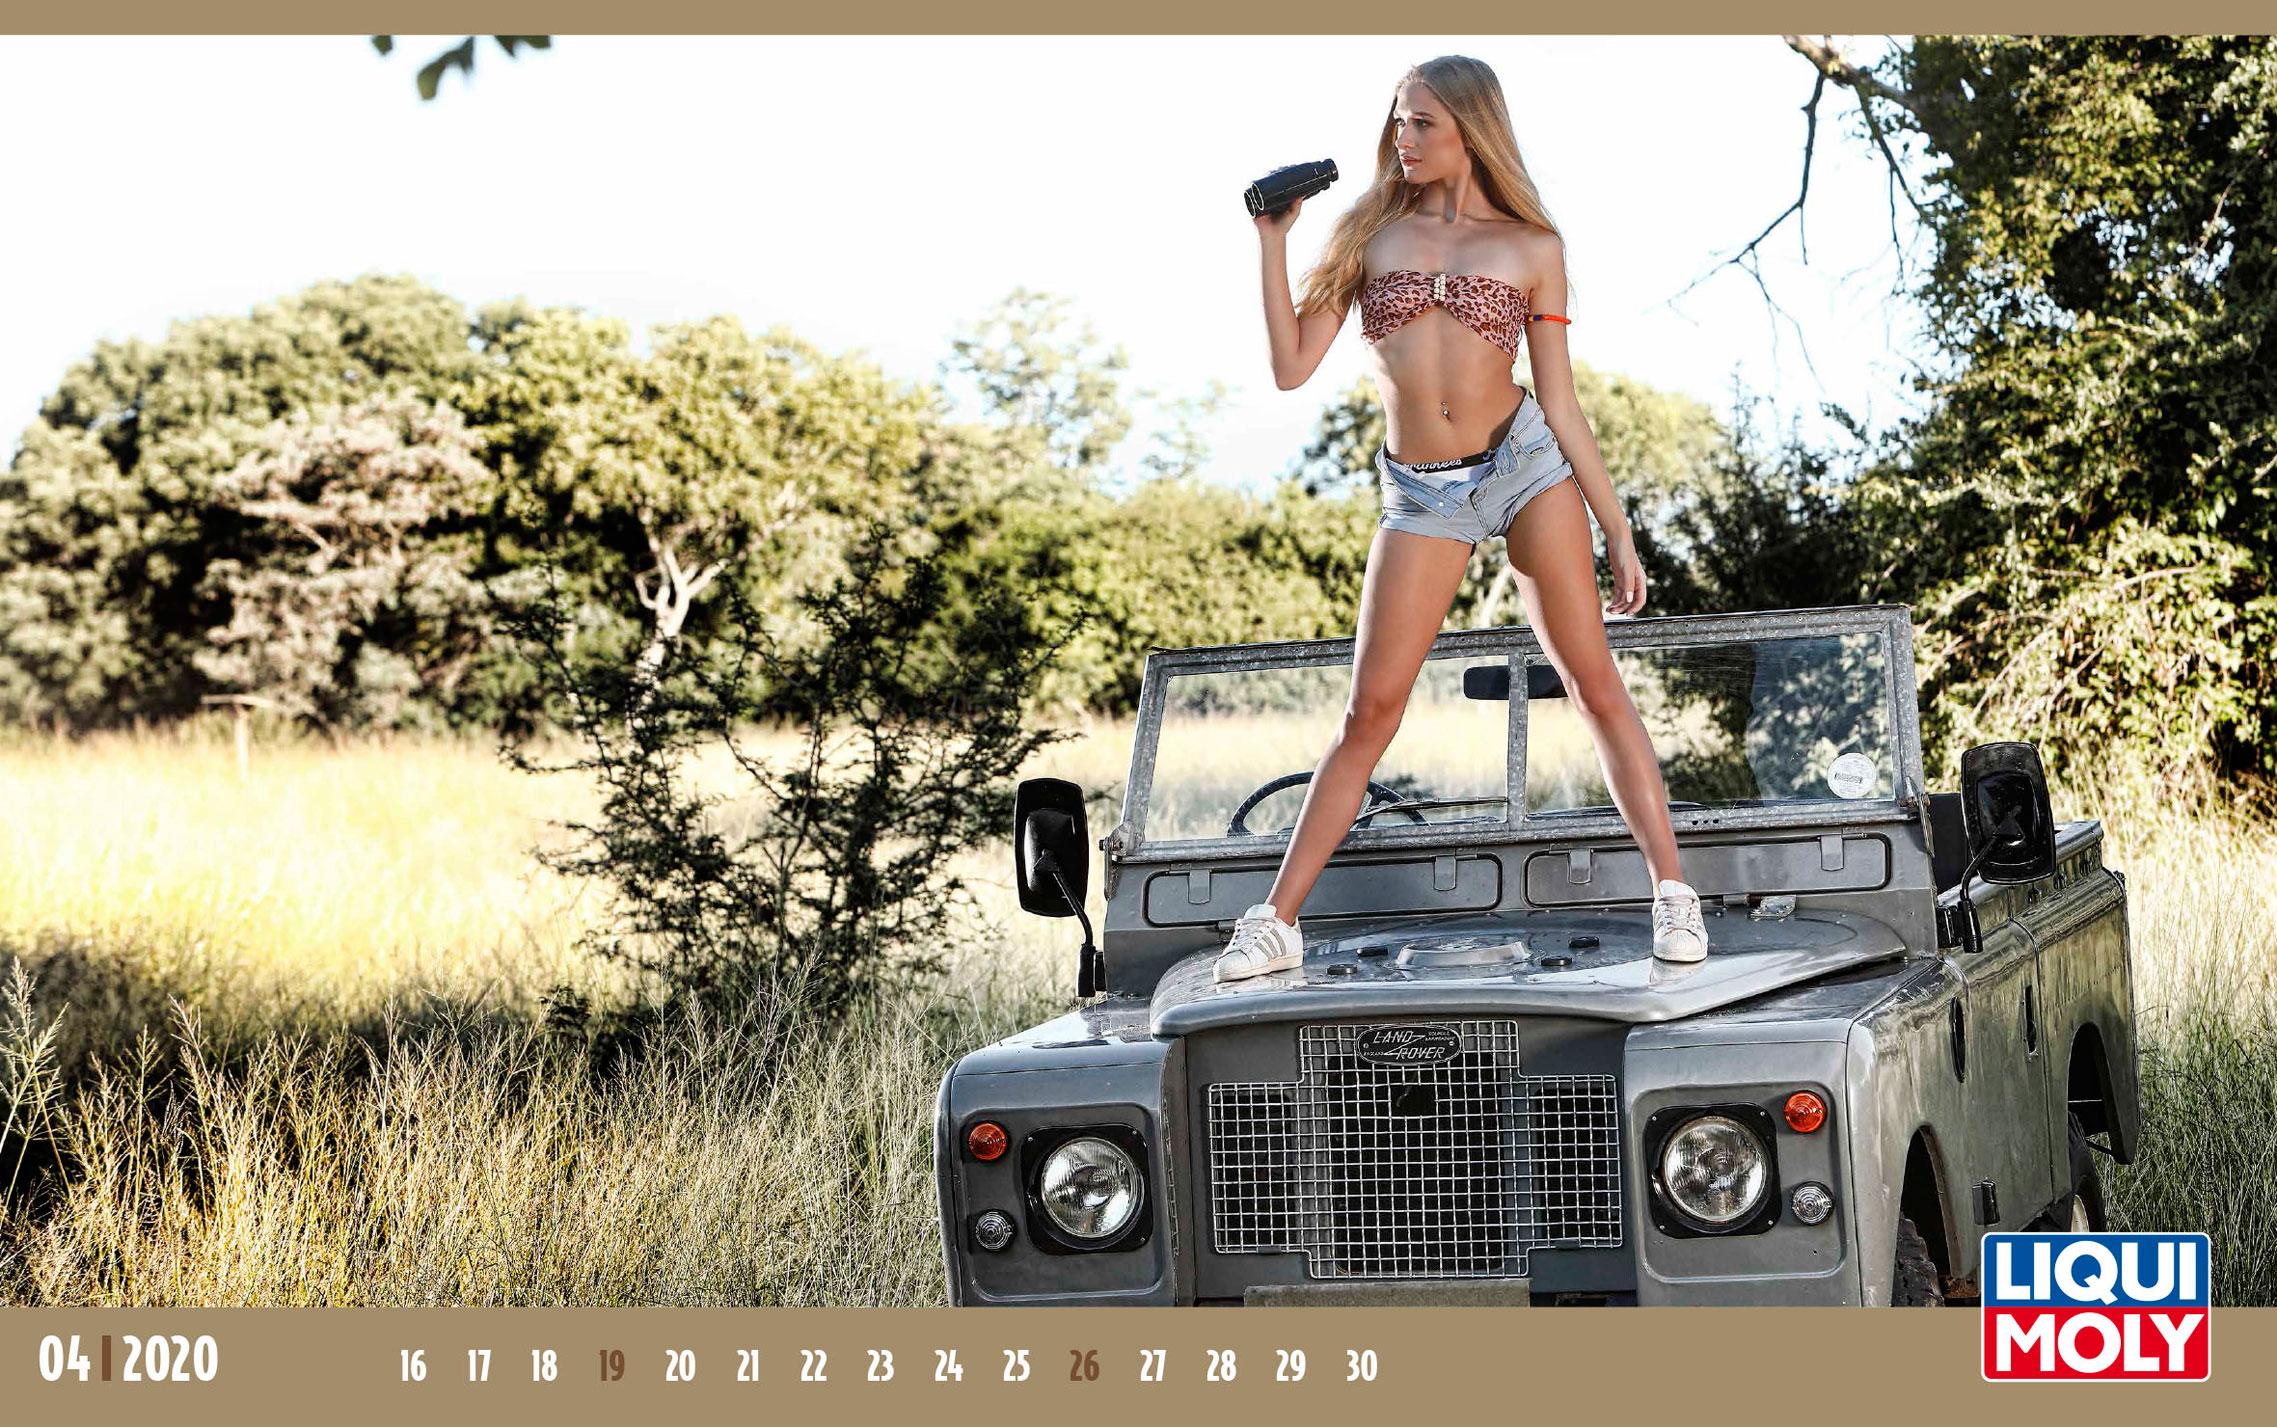 Календарь с девушками автоконцерна Liqui Moly, 2020 год / апрель-2